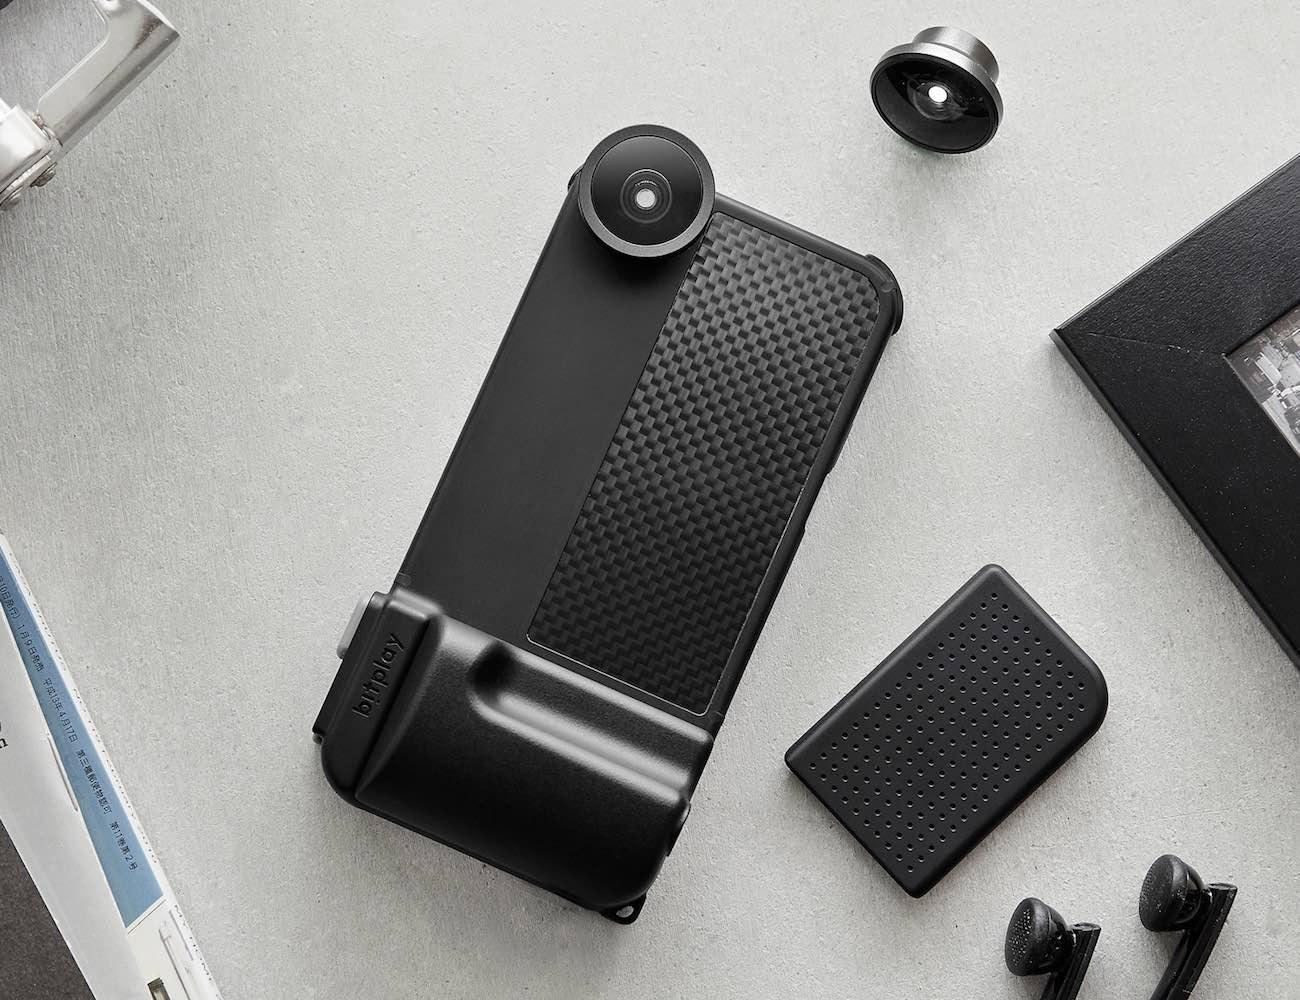 snap-pro-camera-case-kit-by-bitplay-05